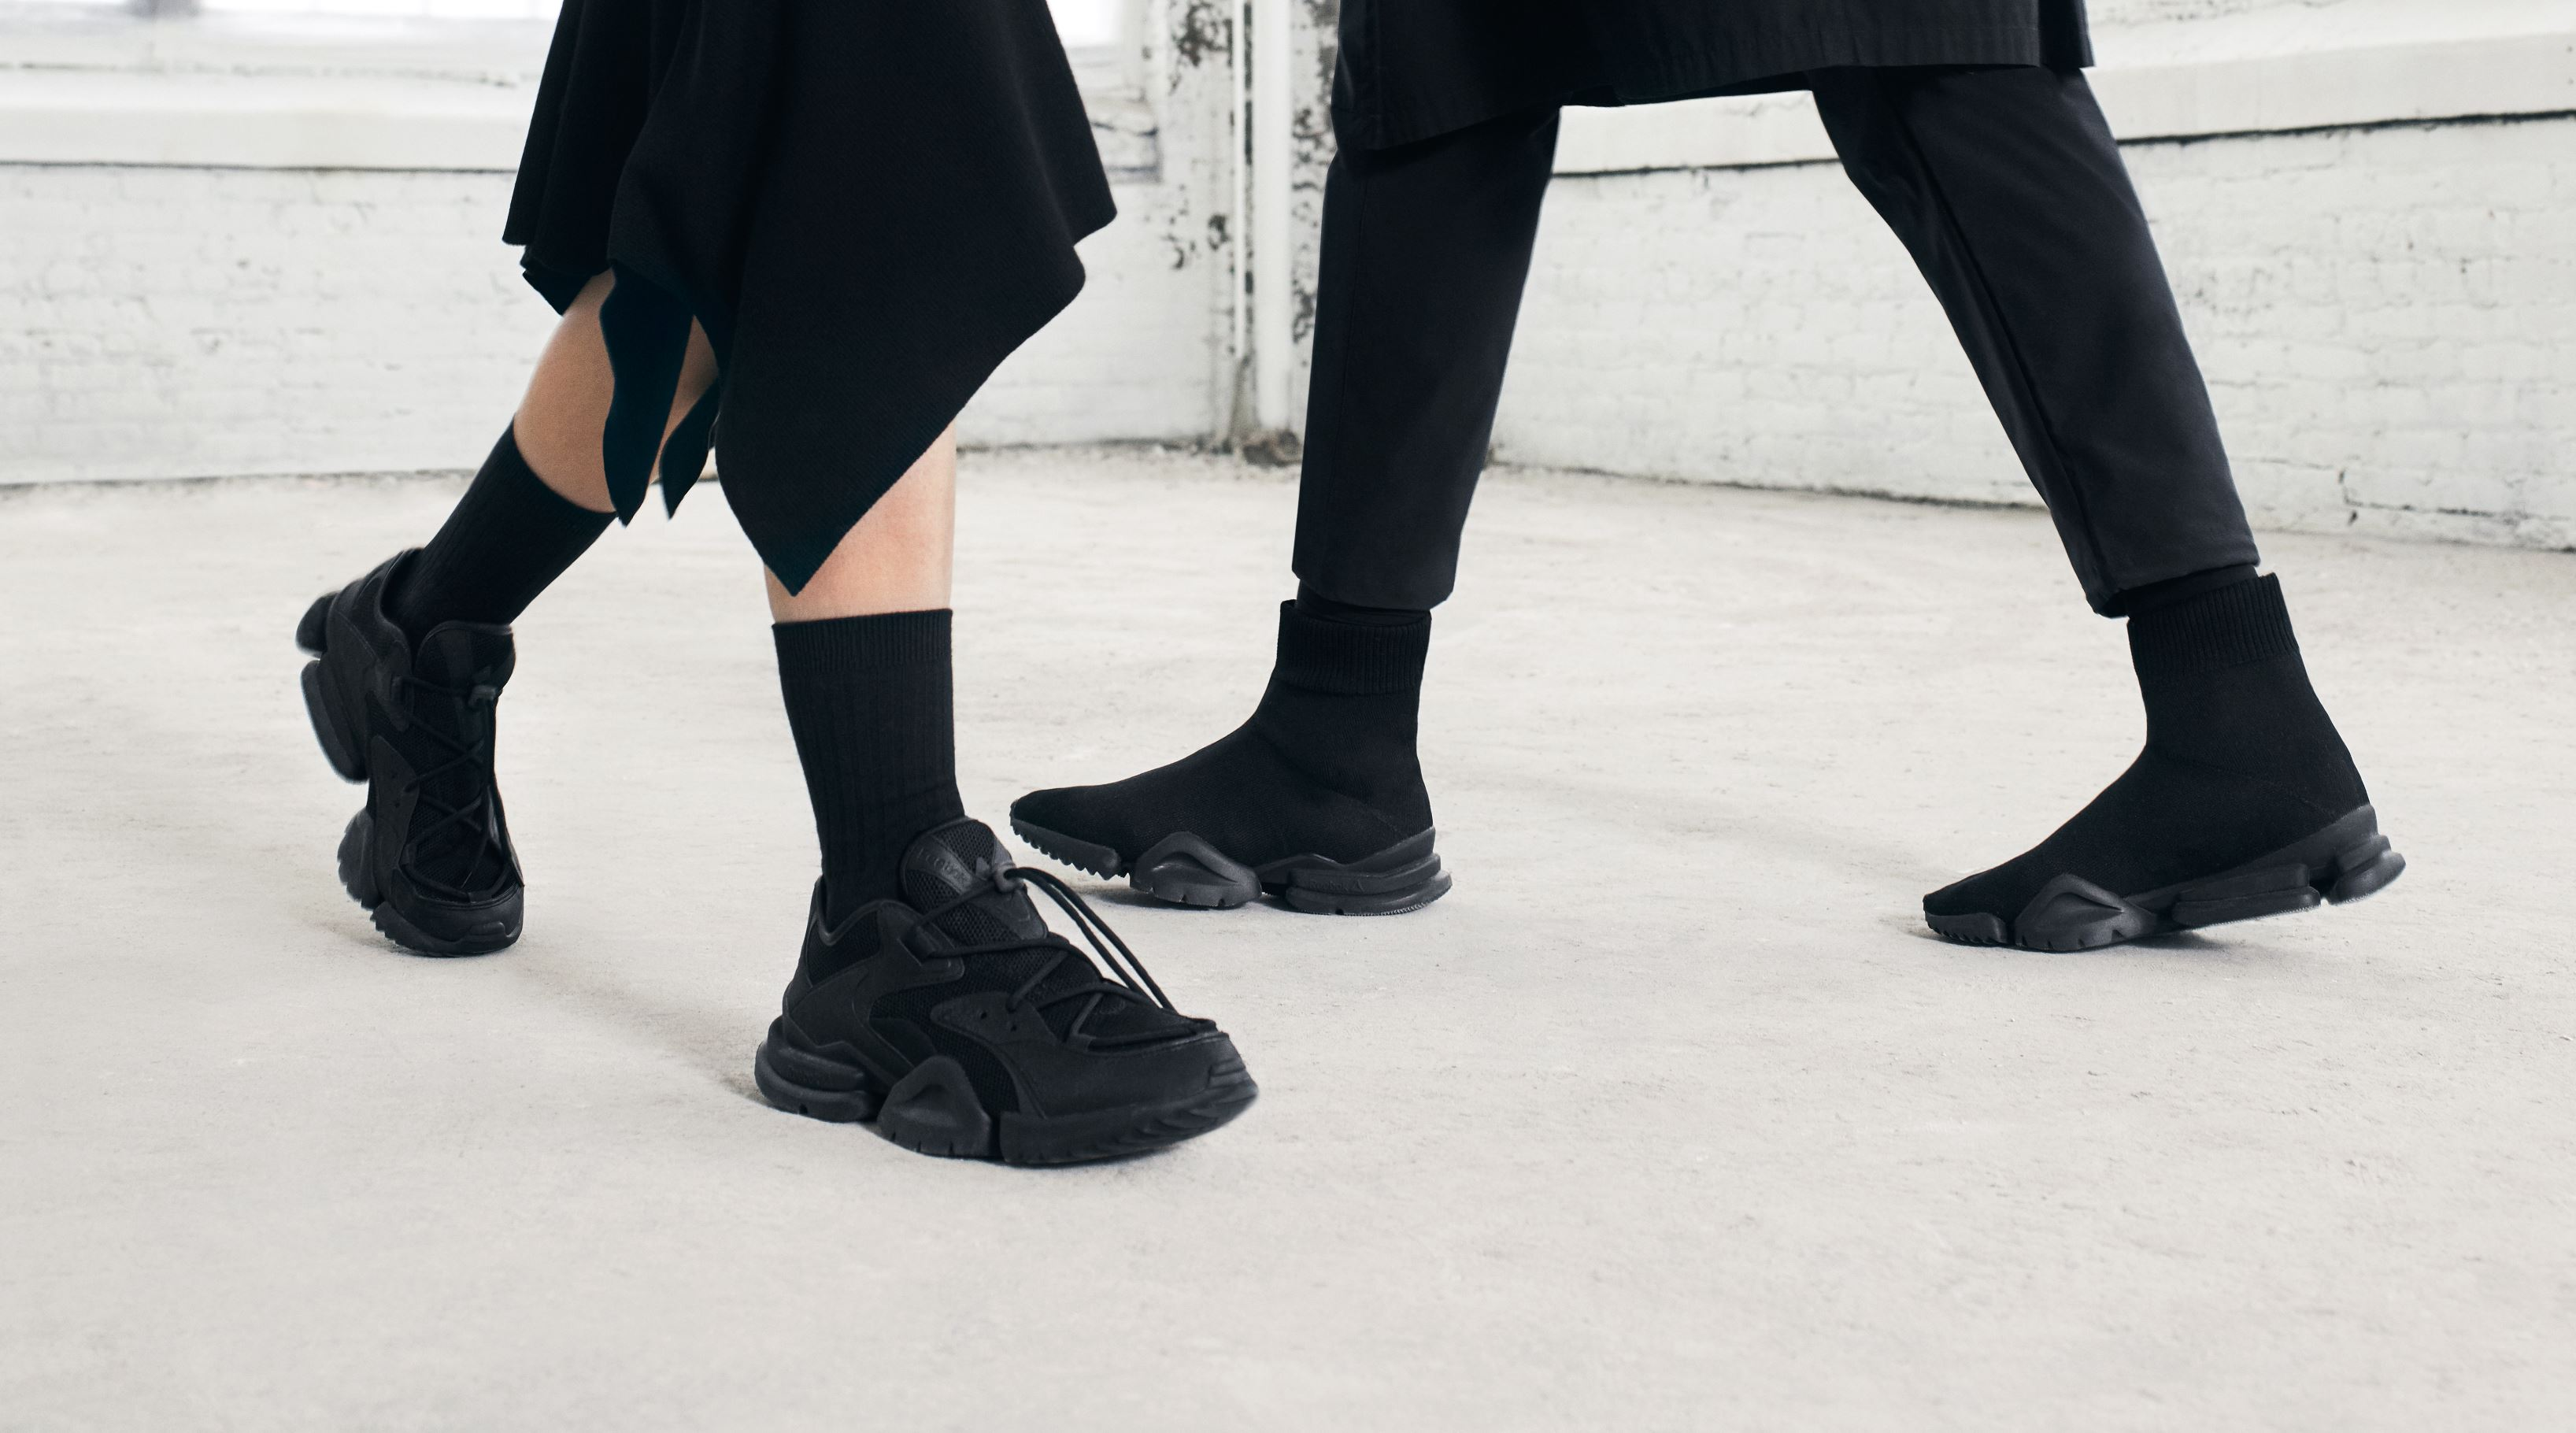 Puntuación sustracción caligrafía  The Reebok Sock Run.r and Run.r 96 Get a Final Drop in 'Triple Black' -  WearTesters